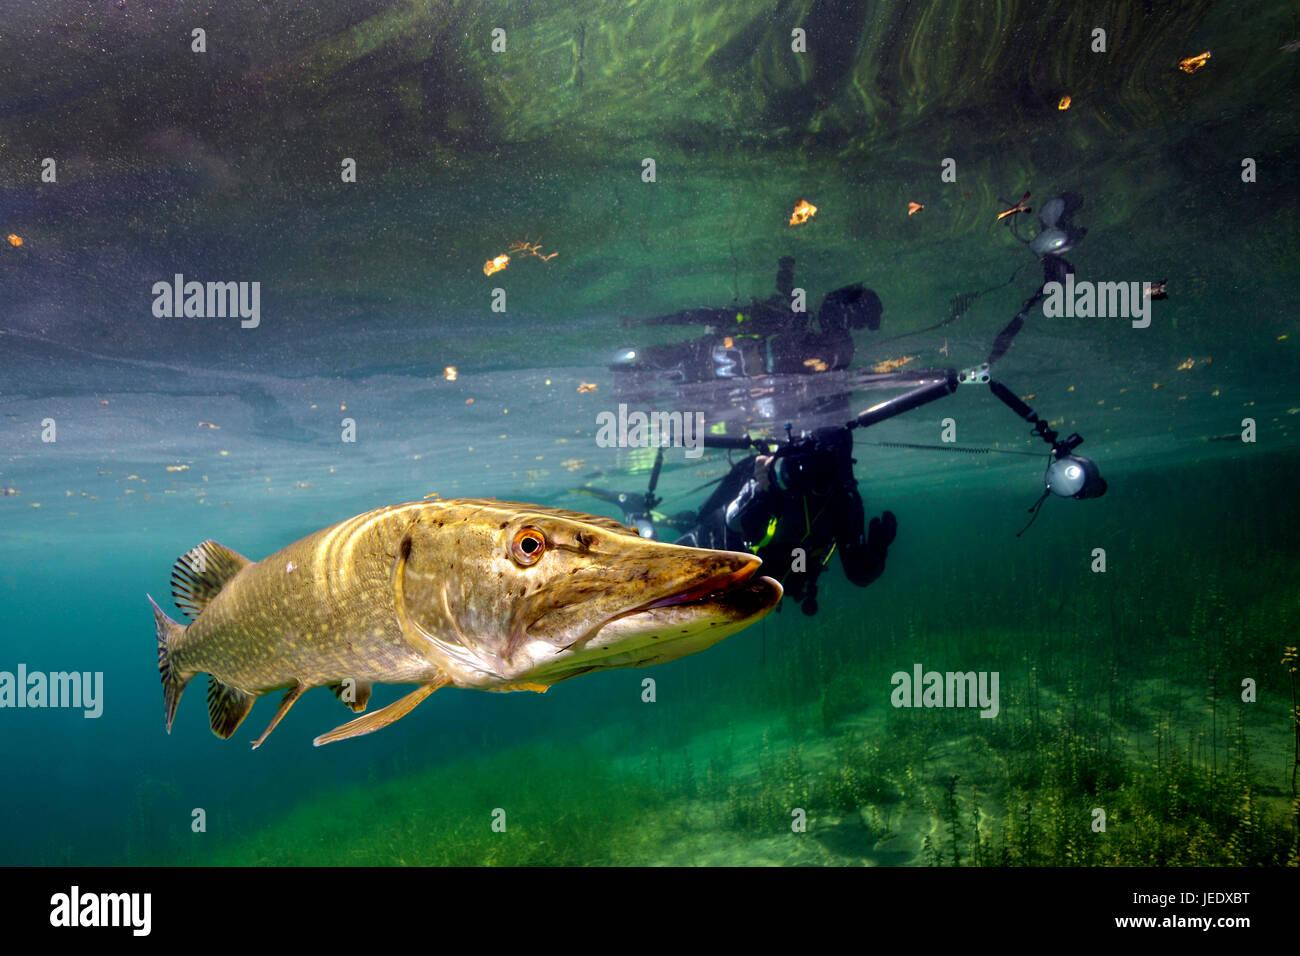 Europa; Taucher mit Hecht im Echinger Weiher, Bayern, Deutschland; Hecht im Flachwasser; hechtartiger; Raubfisch; - Stock Image